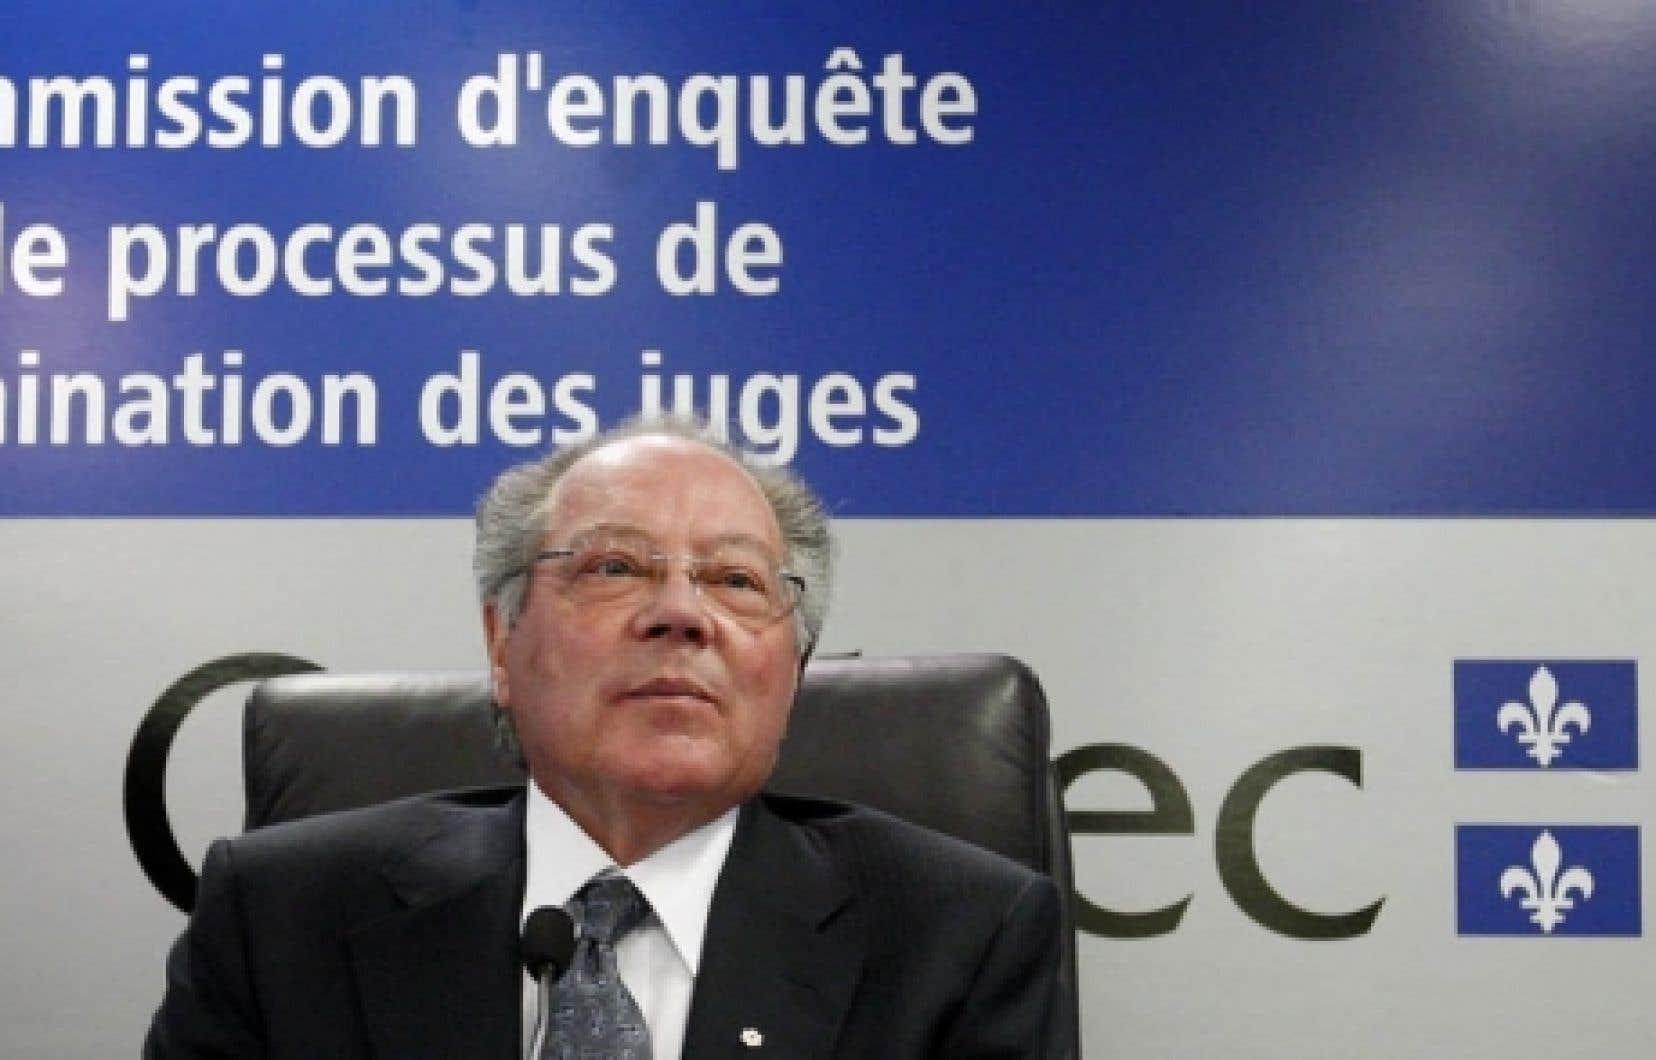 C&rsquo;est aujourd&rsquo;hui que le juge Michel Bastarache doit commencer &agrave; entendre le t&eacute;moignage de l&rsquo;ancien ministre de la Justice, Marc Bellemare, &agrave; propos du processus de nomination des juges.<br />